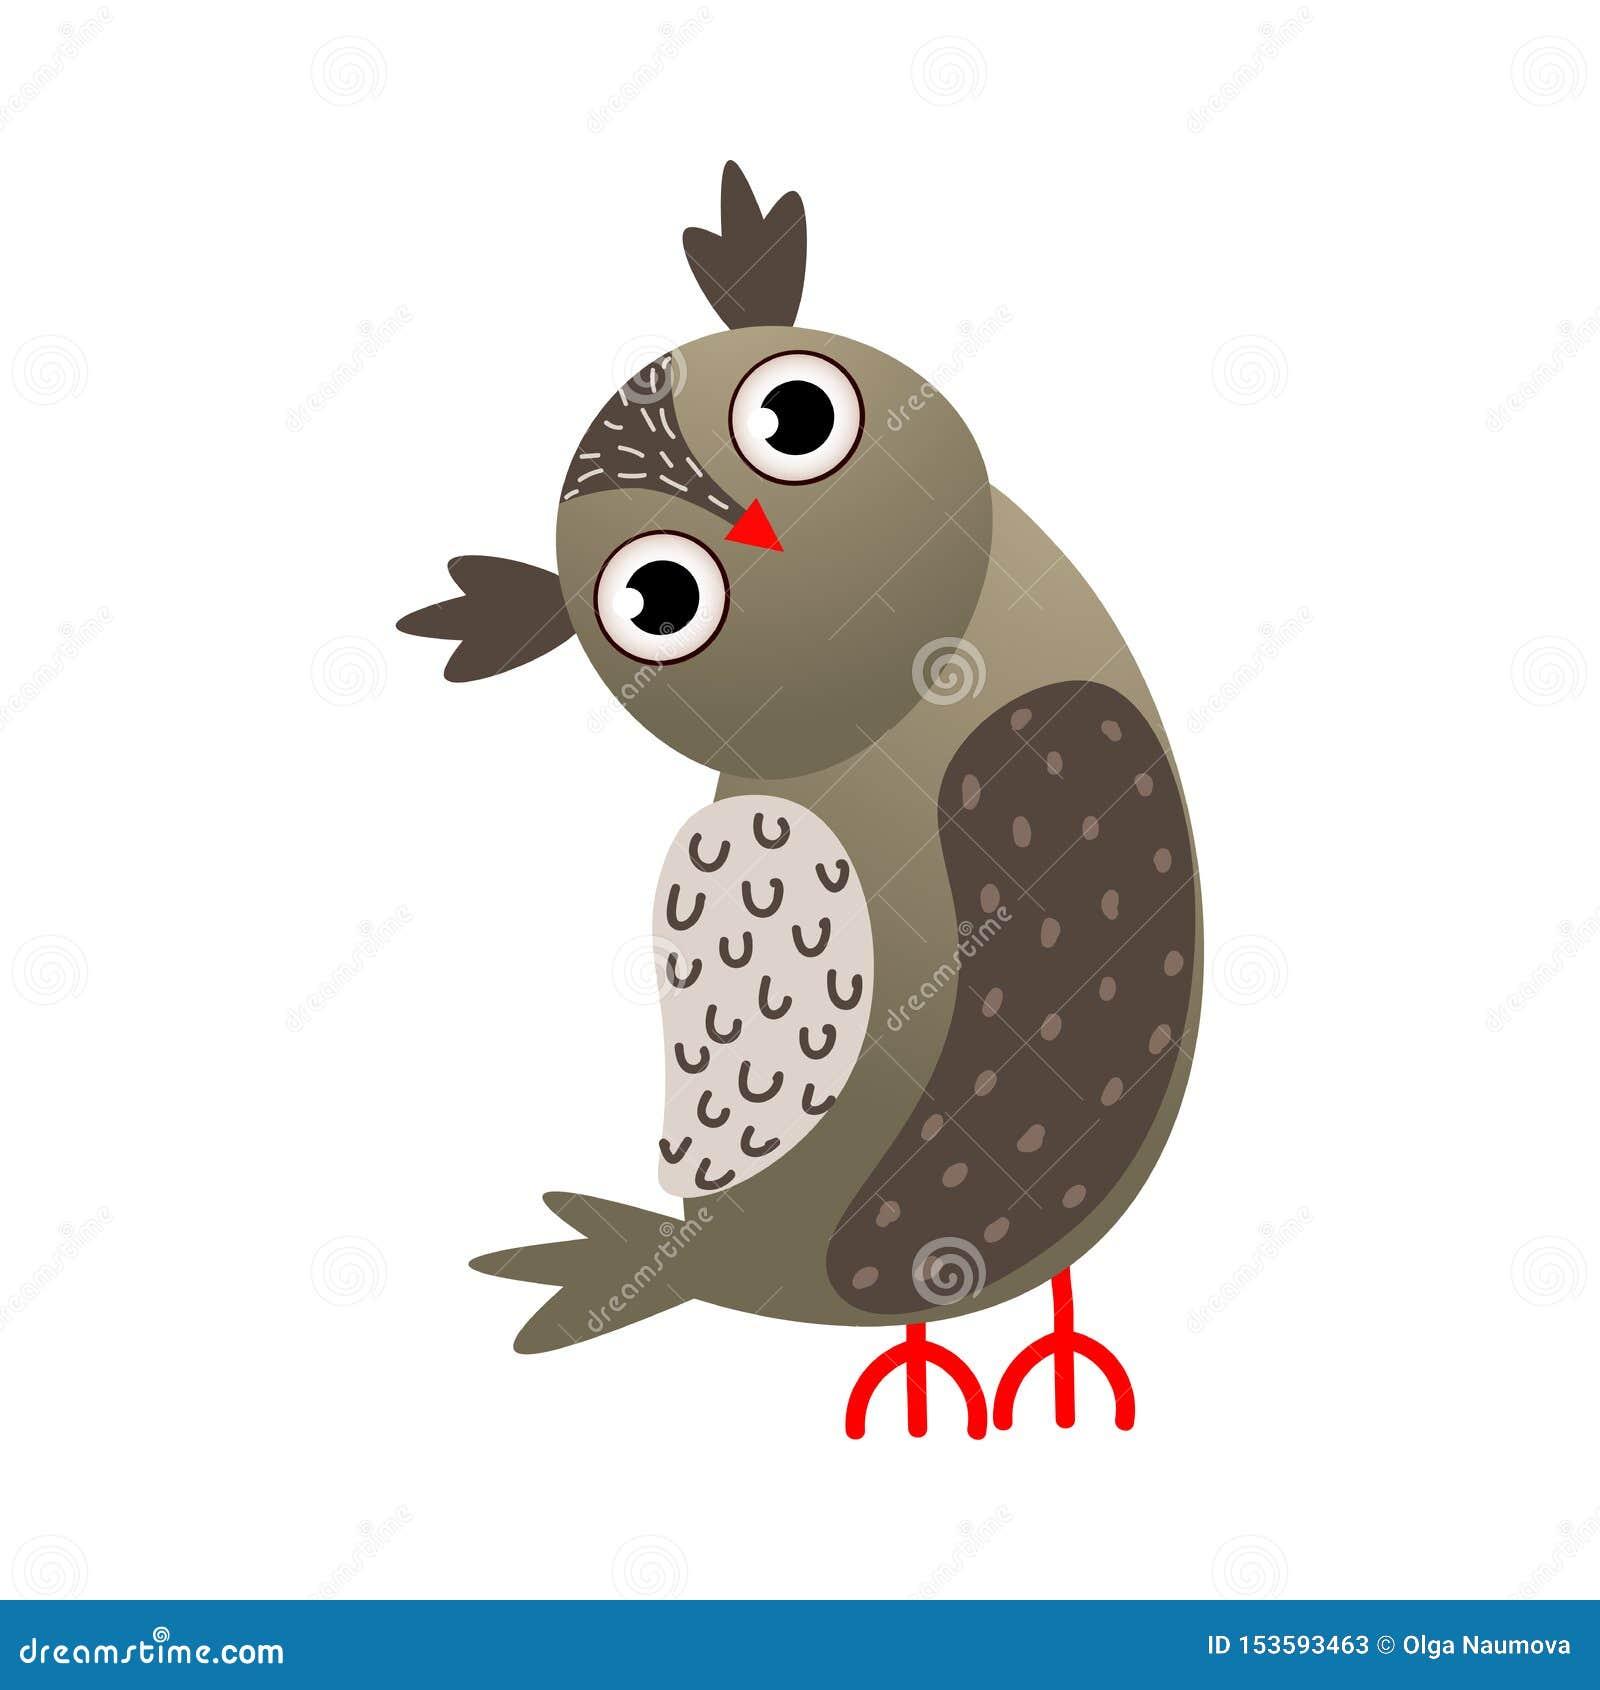 Graufarbeulenvogel mit dem roten Schnabelschauen